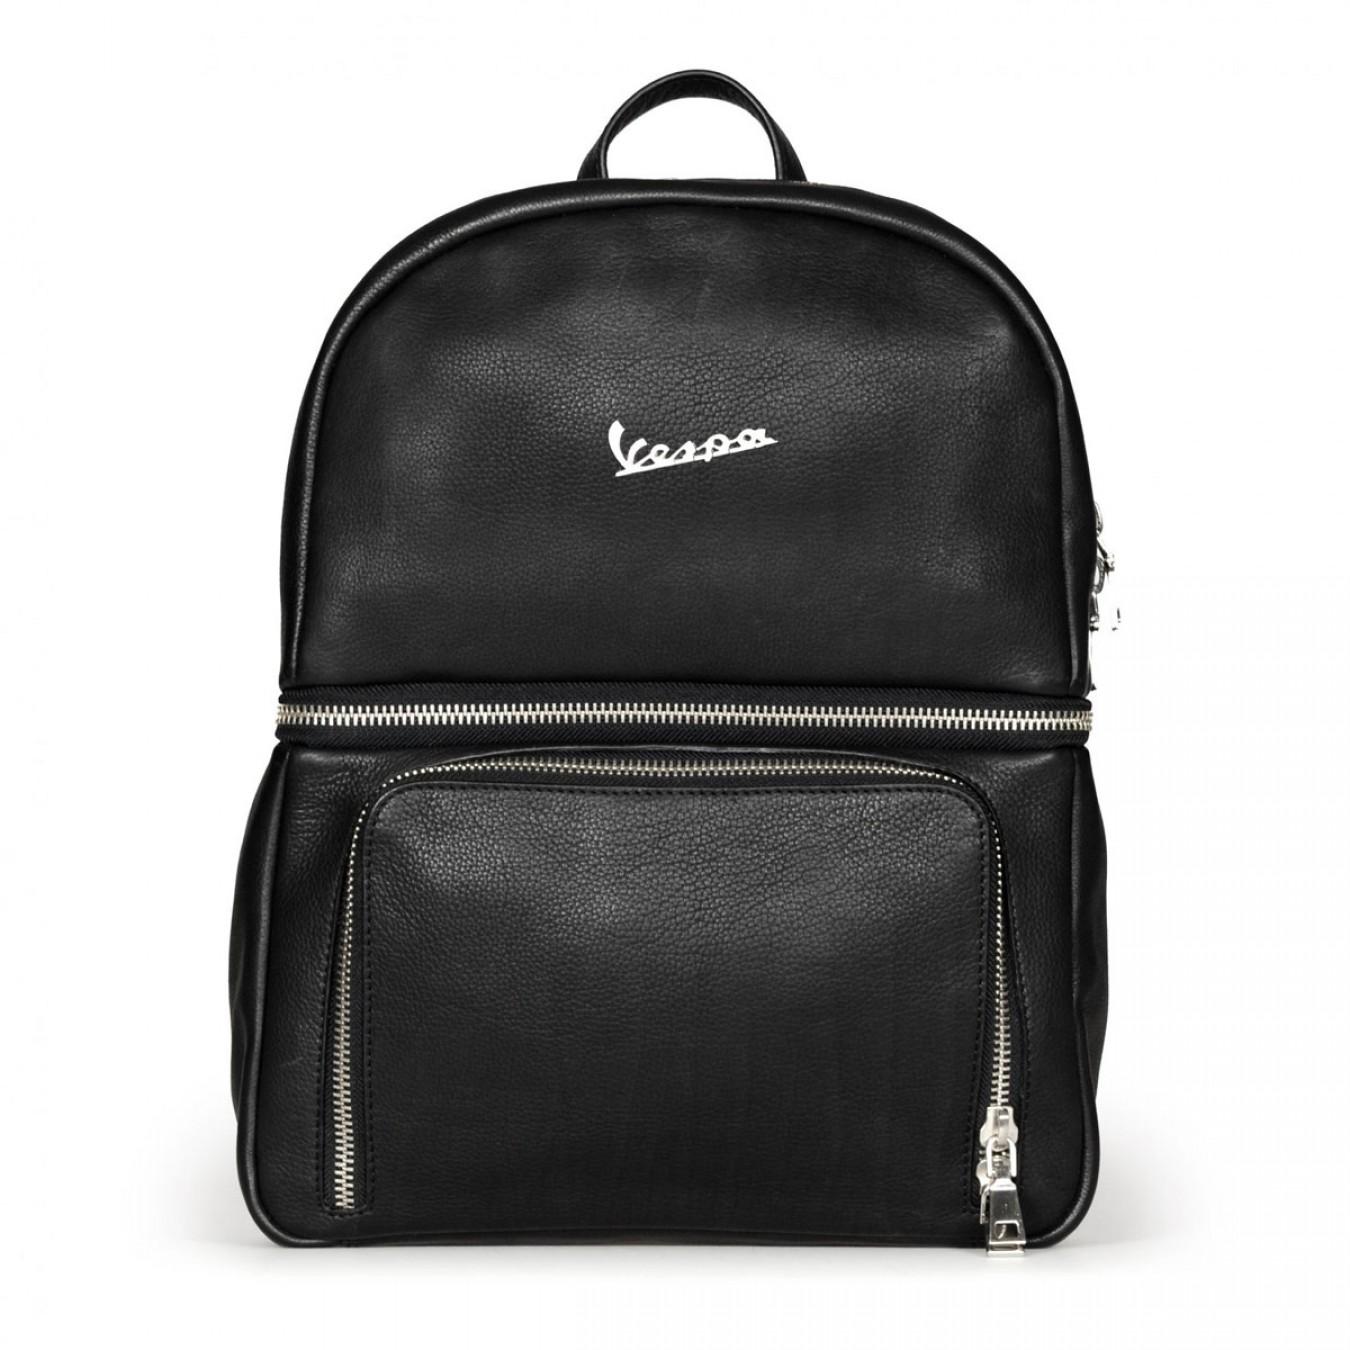 59c49bcc66 Vespa Σακίδιο Πλάτης Primavera Backpack- Genuine Full Grain Leather - Black  Τσάντες   Σακίδια